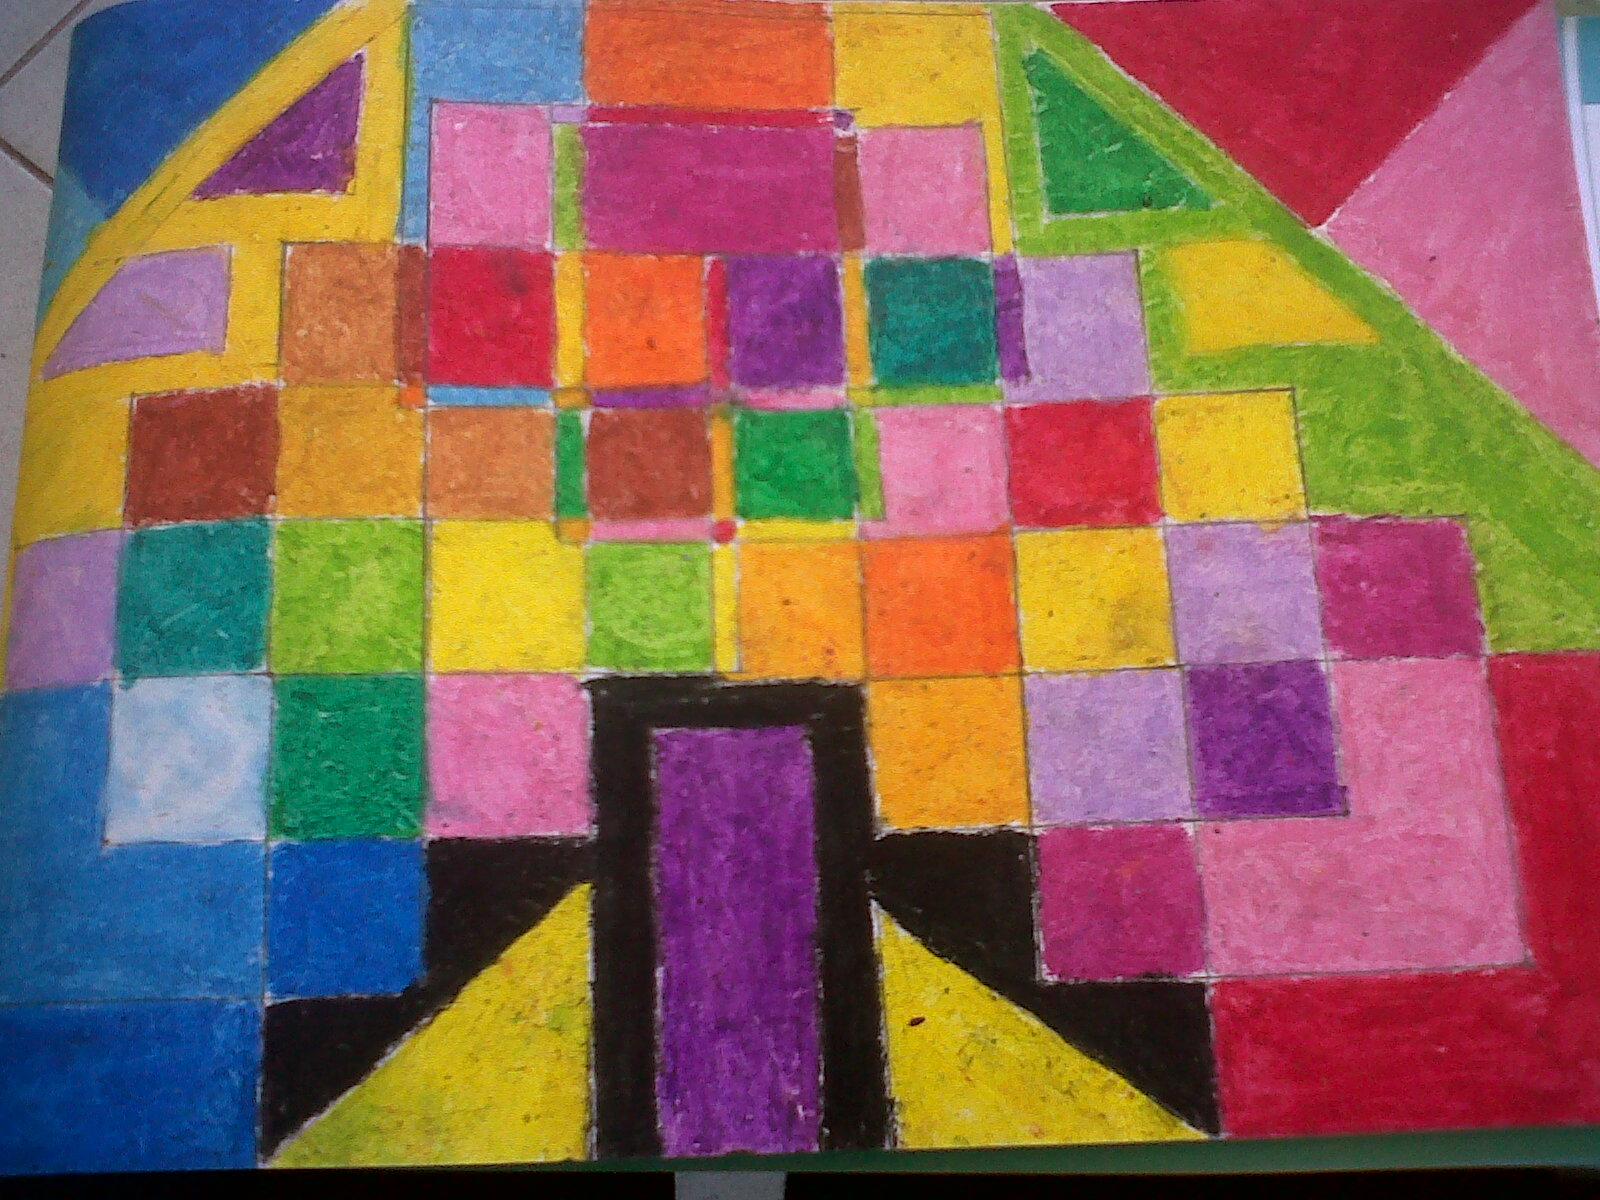 ini macam karya seni saya